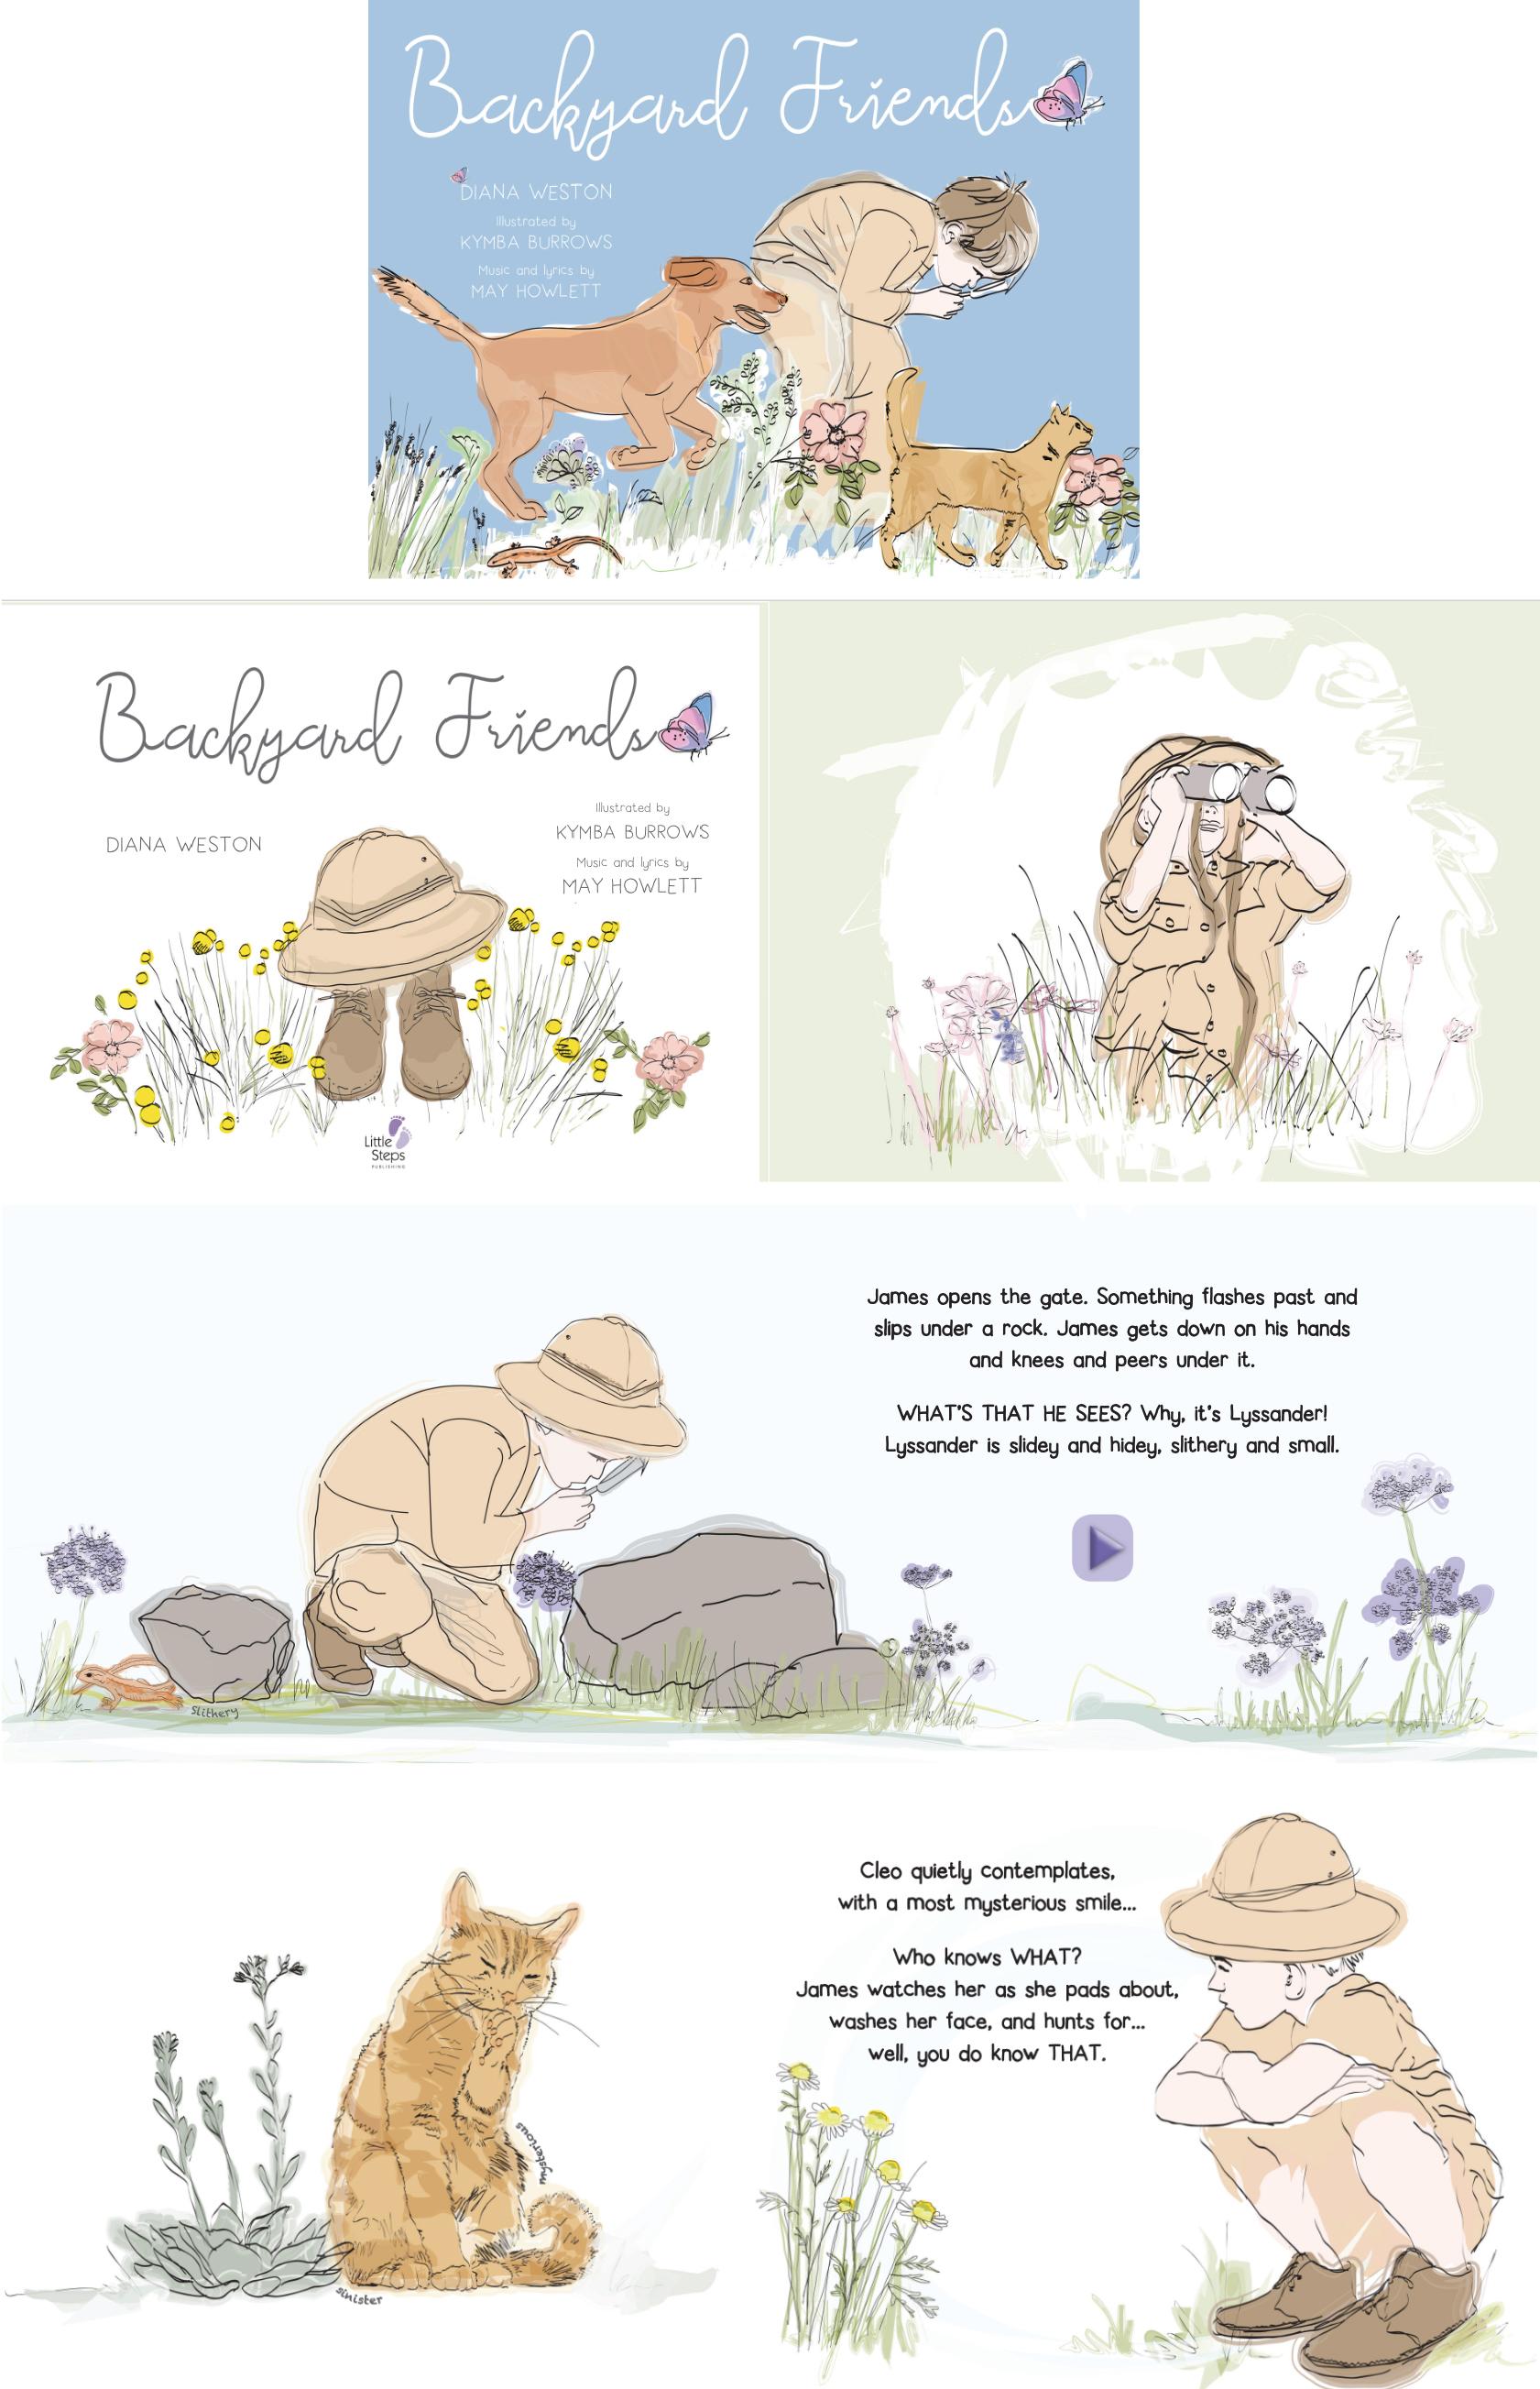 Backyard Friends - A musical storybook